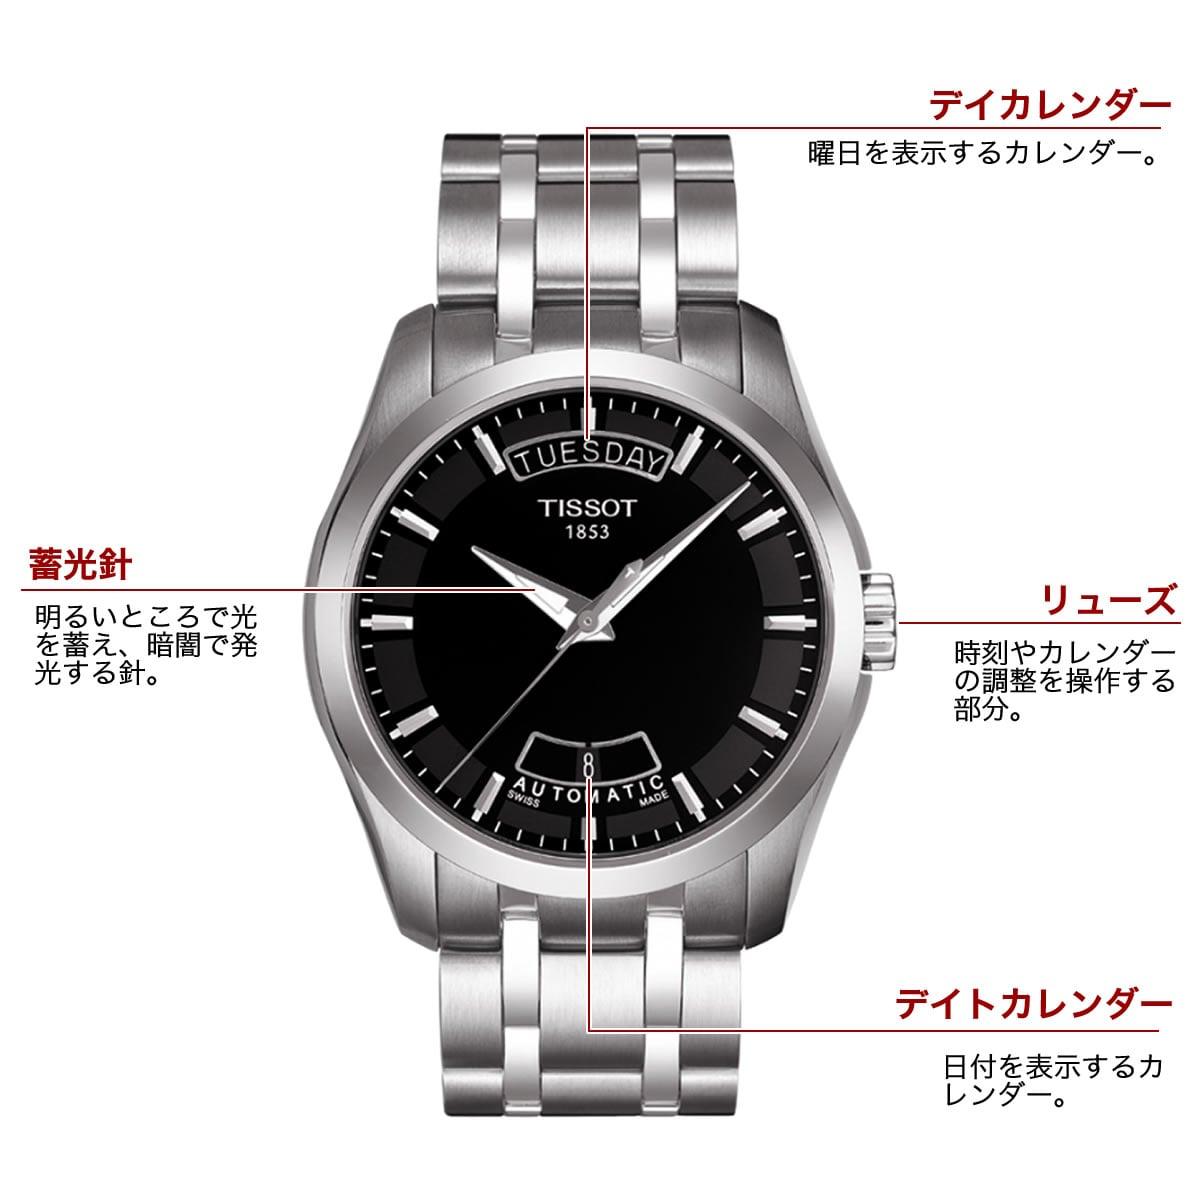 ティソ 自動巻き 男性用腕時計t0354071105100